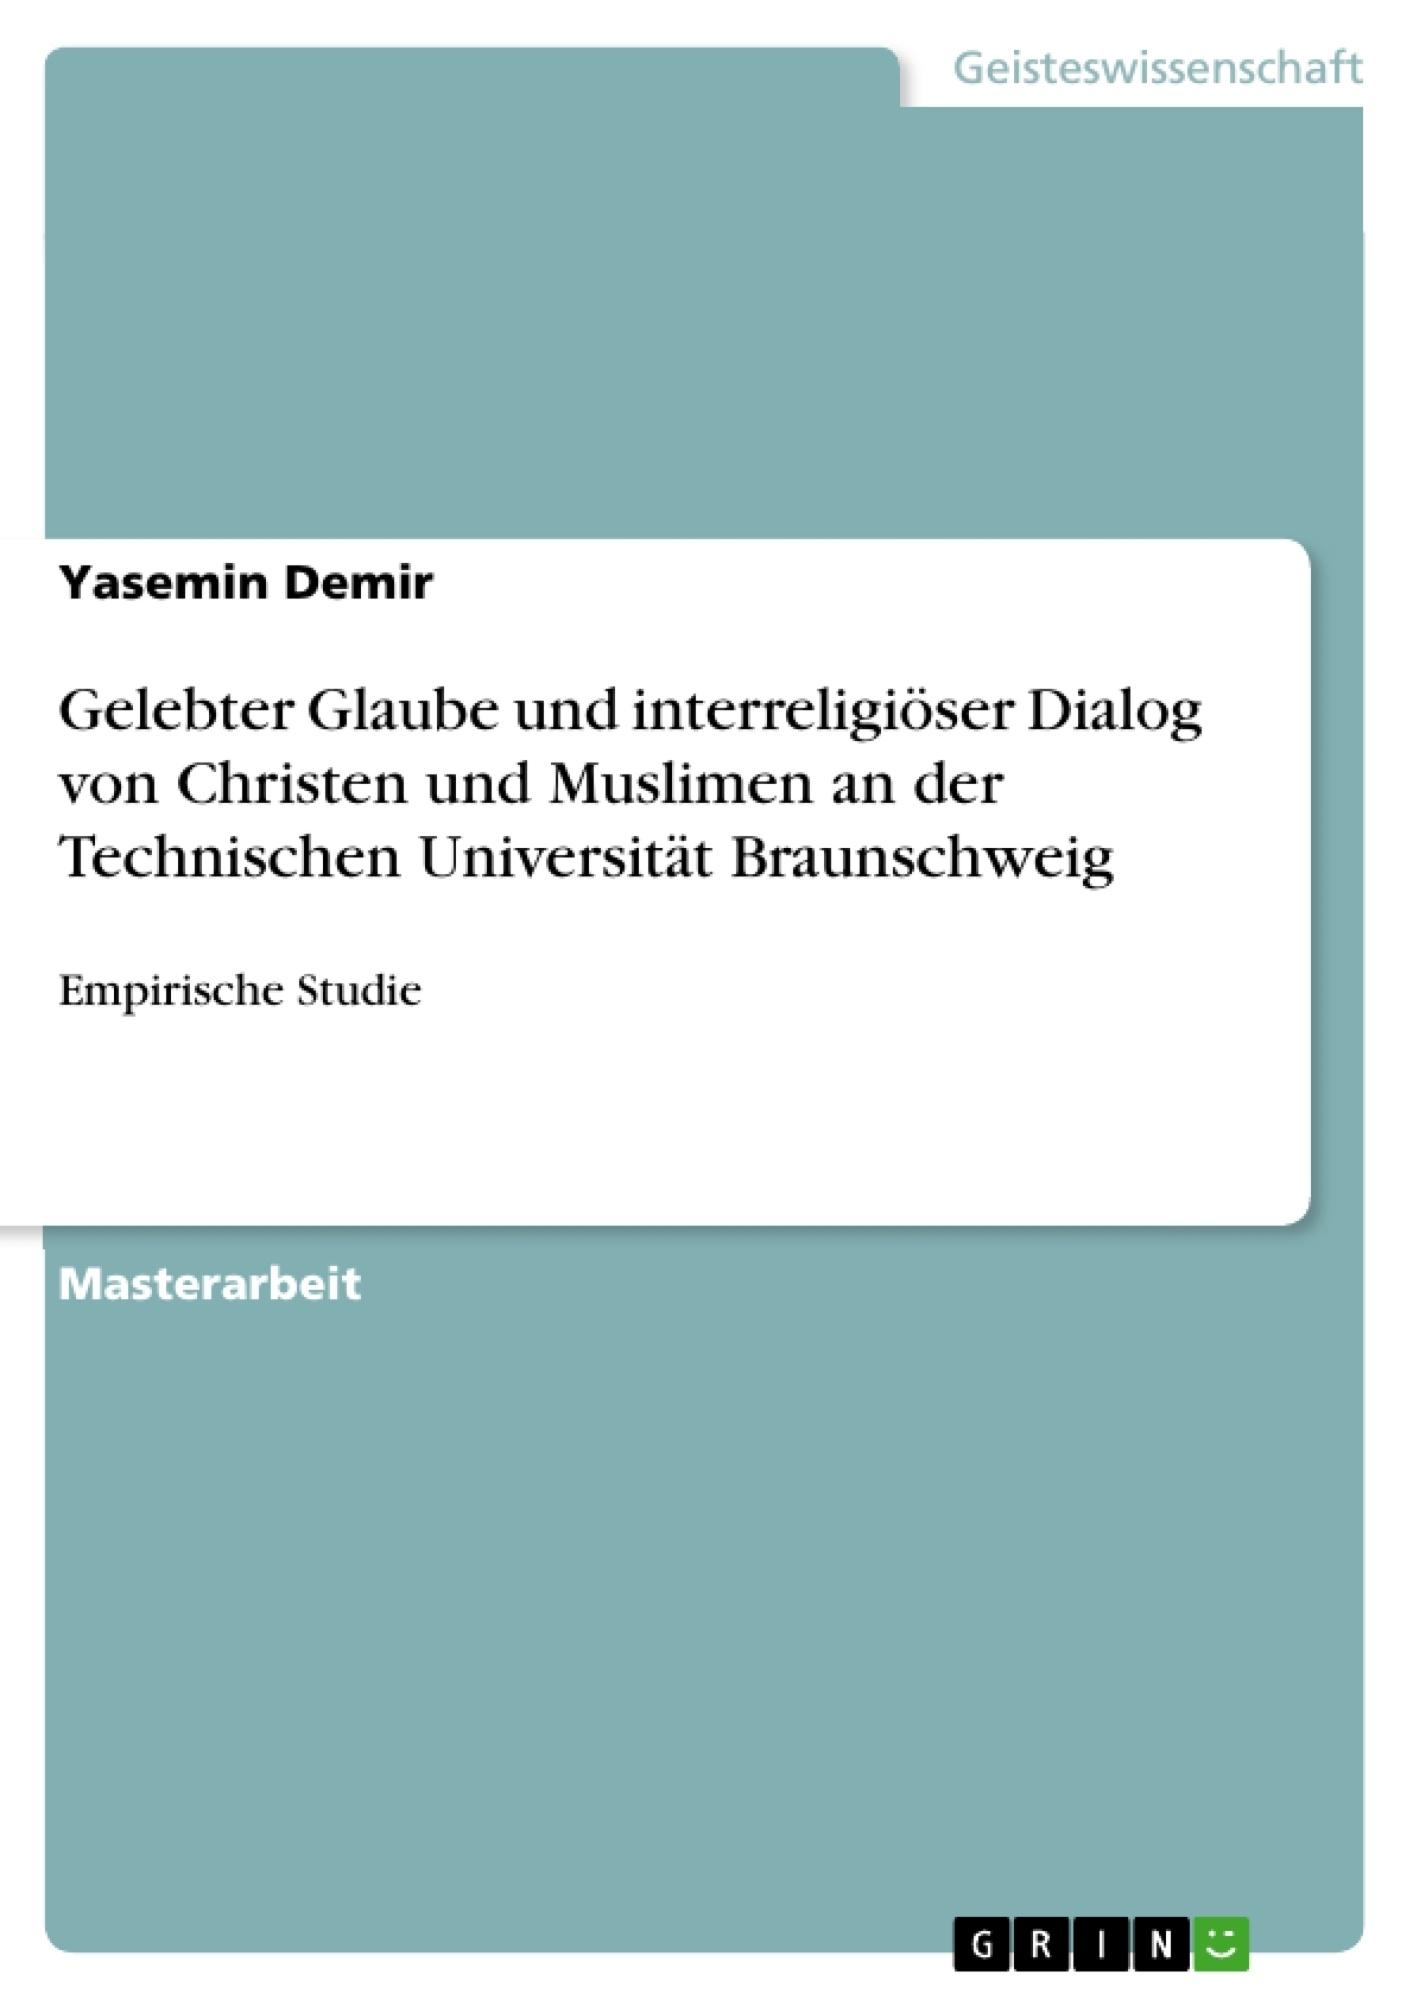 Titel: Gelebter Glaube und interreligiöser Dialog von Christen und Muslimen an der Technischen Universität Braunschweig